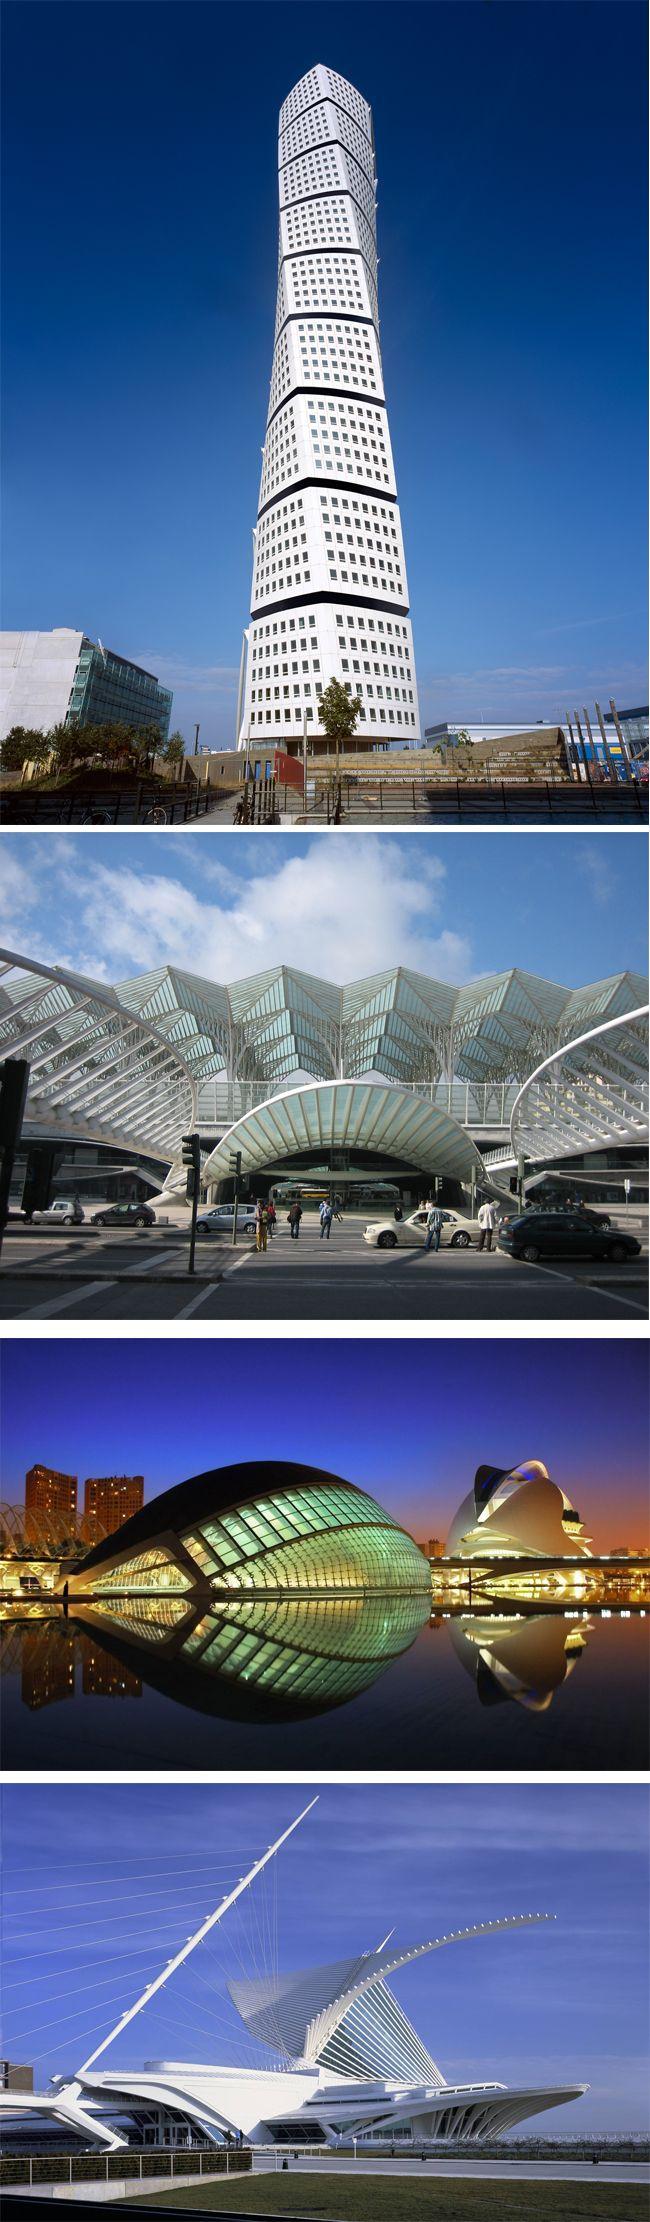 http://blog.mobly.com.br/wp-content/uploads/2012/05/Santiago-Calatrava1.jpg